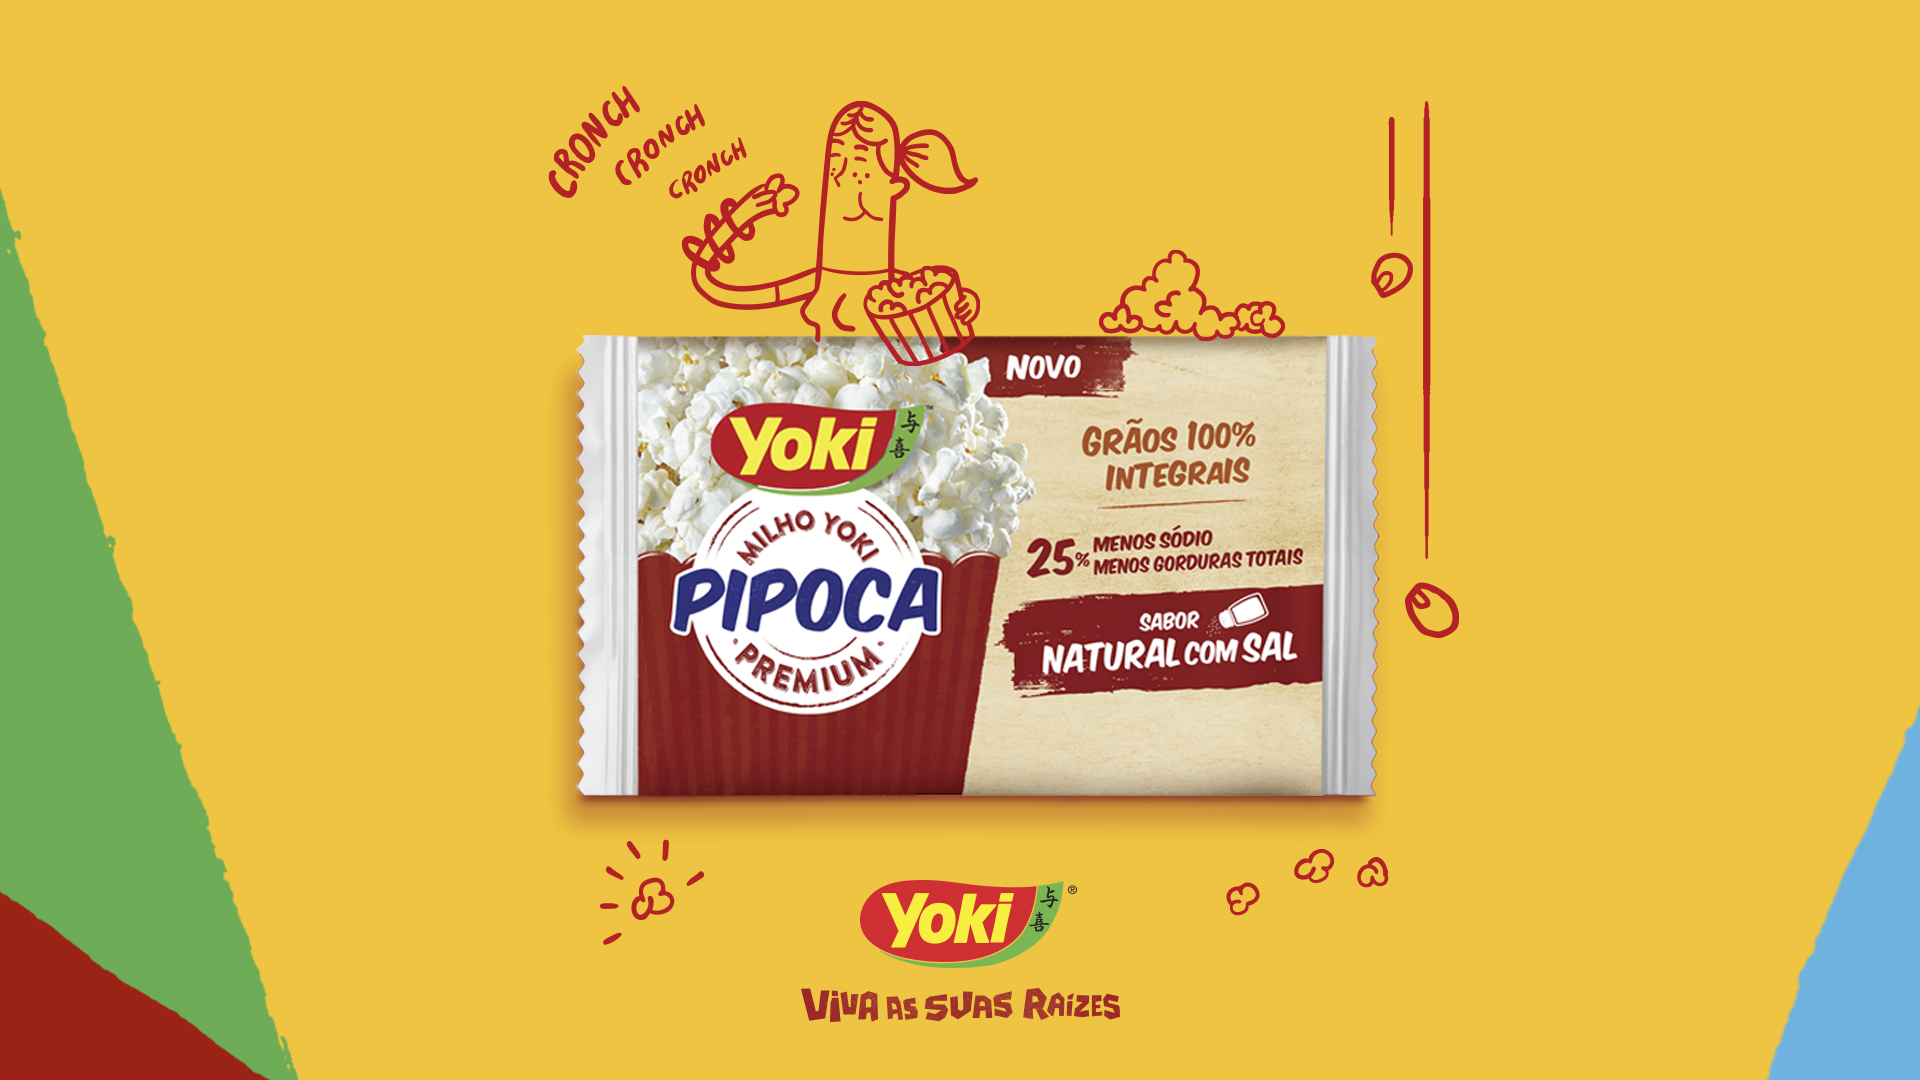 Na imagem, a ilustração em cartoon de uma mulher comendo pipoca. Abaixo do desenho, uma embalagem de pipoca Yoki. Yoki, viva suas raízes